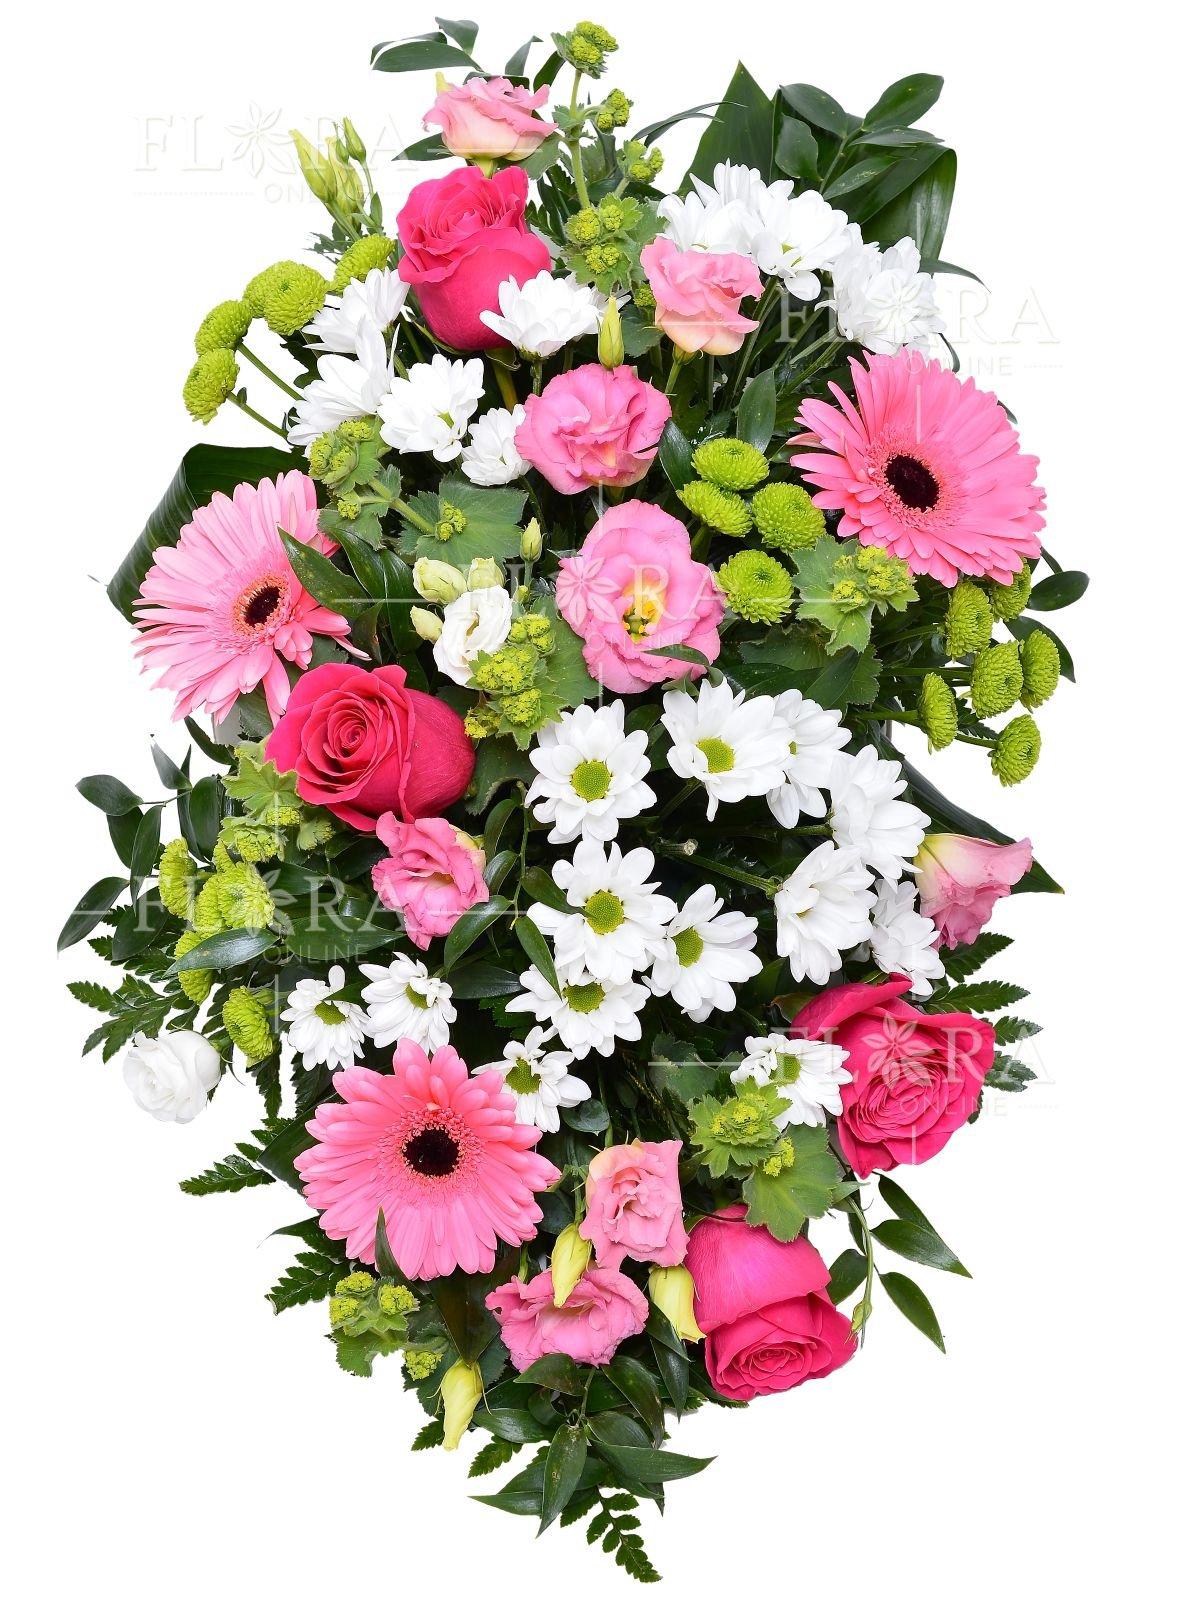 Купить цветы по нету онлайн заказ цветов спб